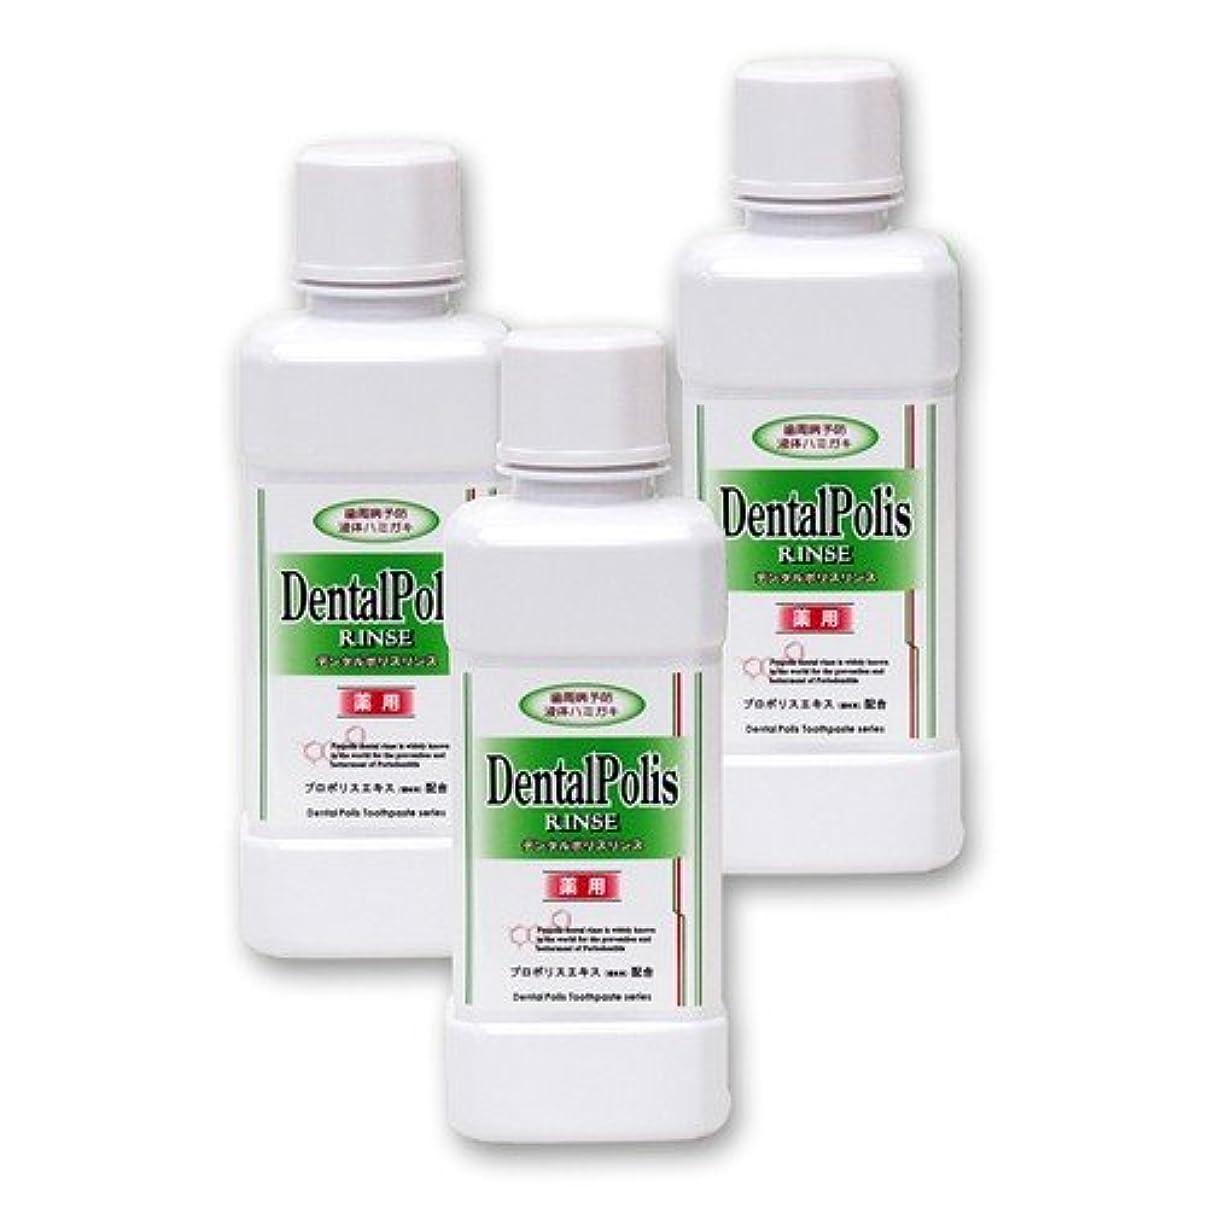 低下ダウン再生デンタルポリス リンス(300ml)  3本セット  【医薬部外品】  液体ハミガキ